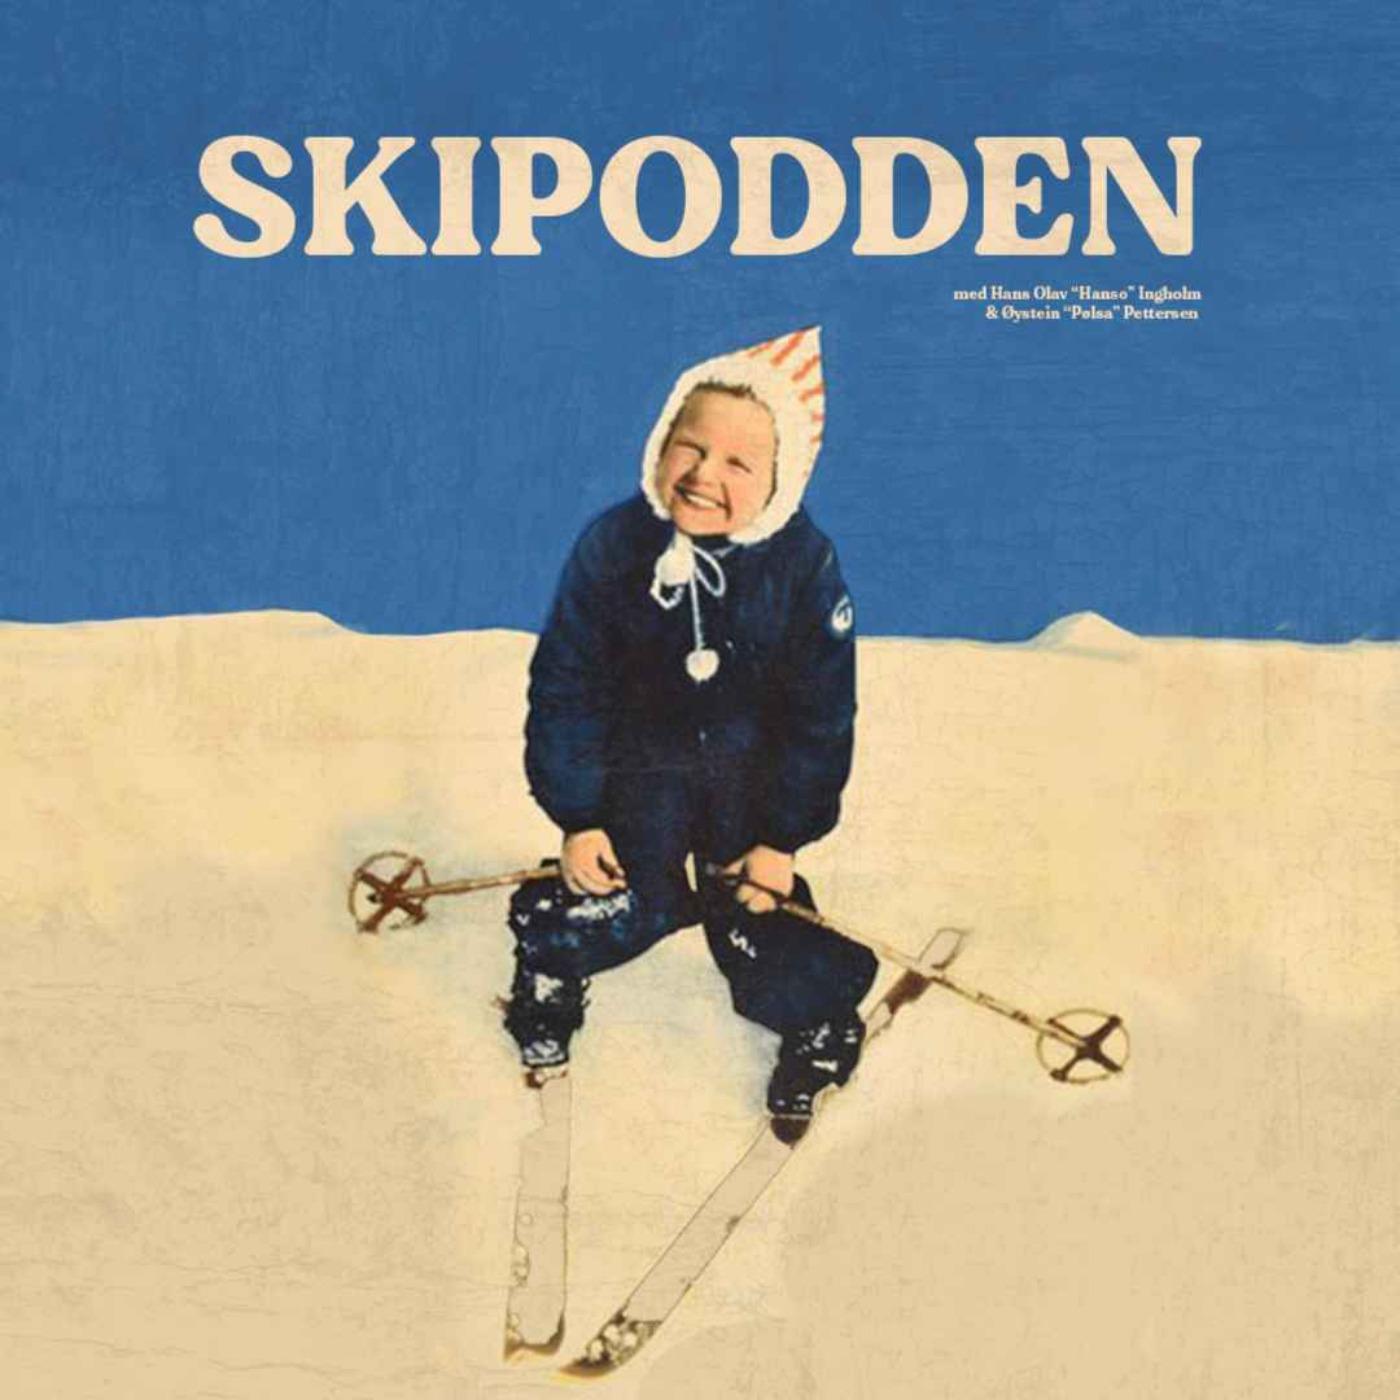 Skipodden